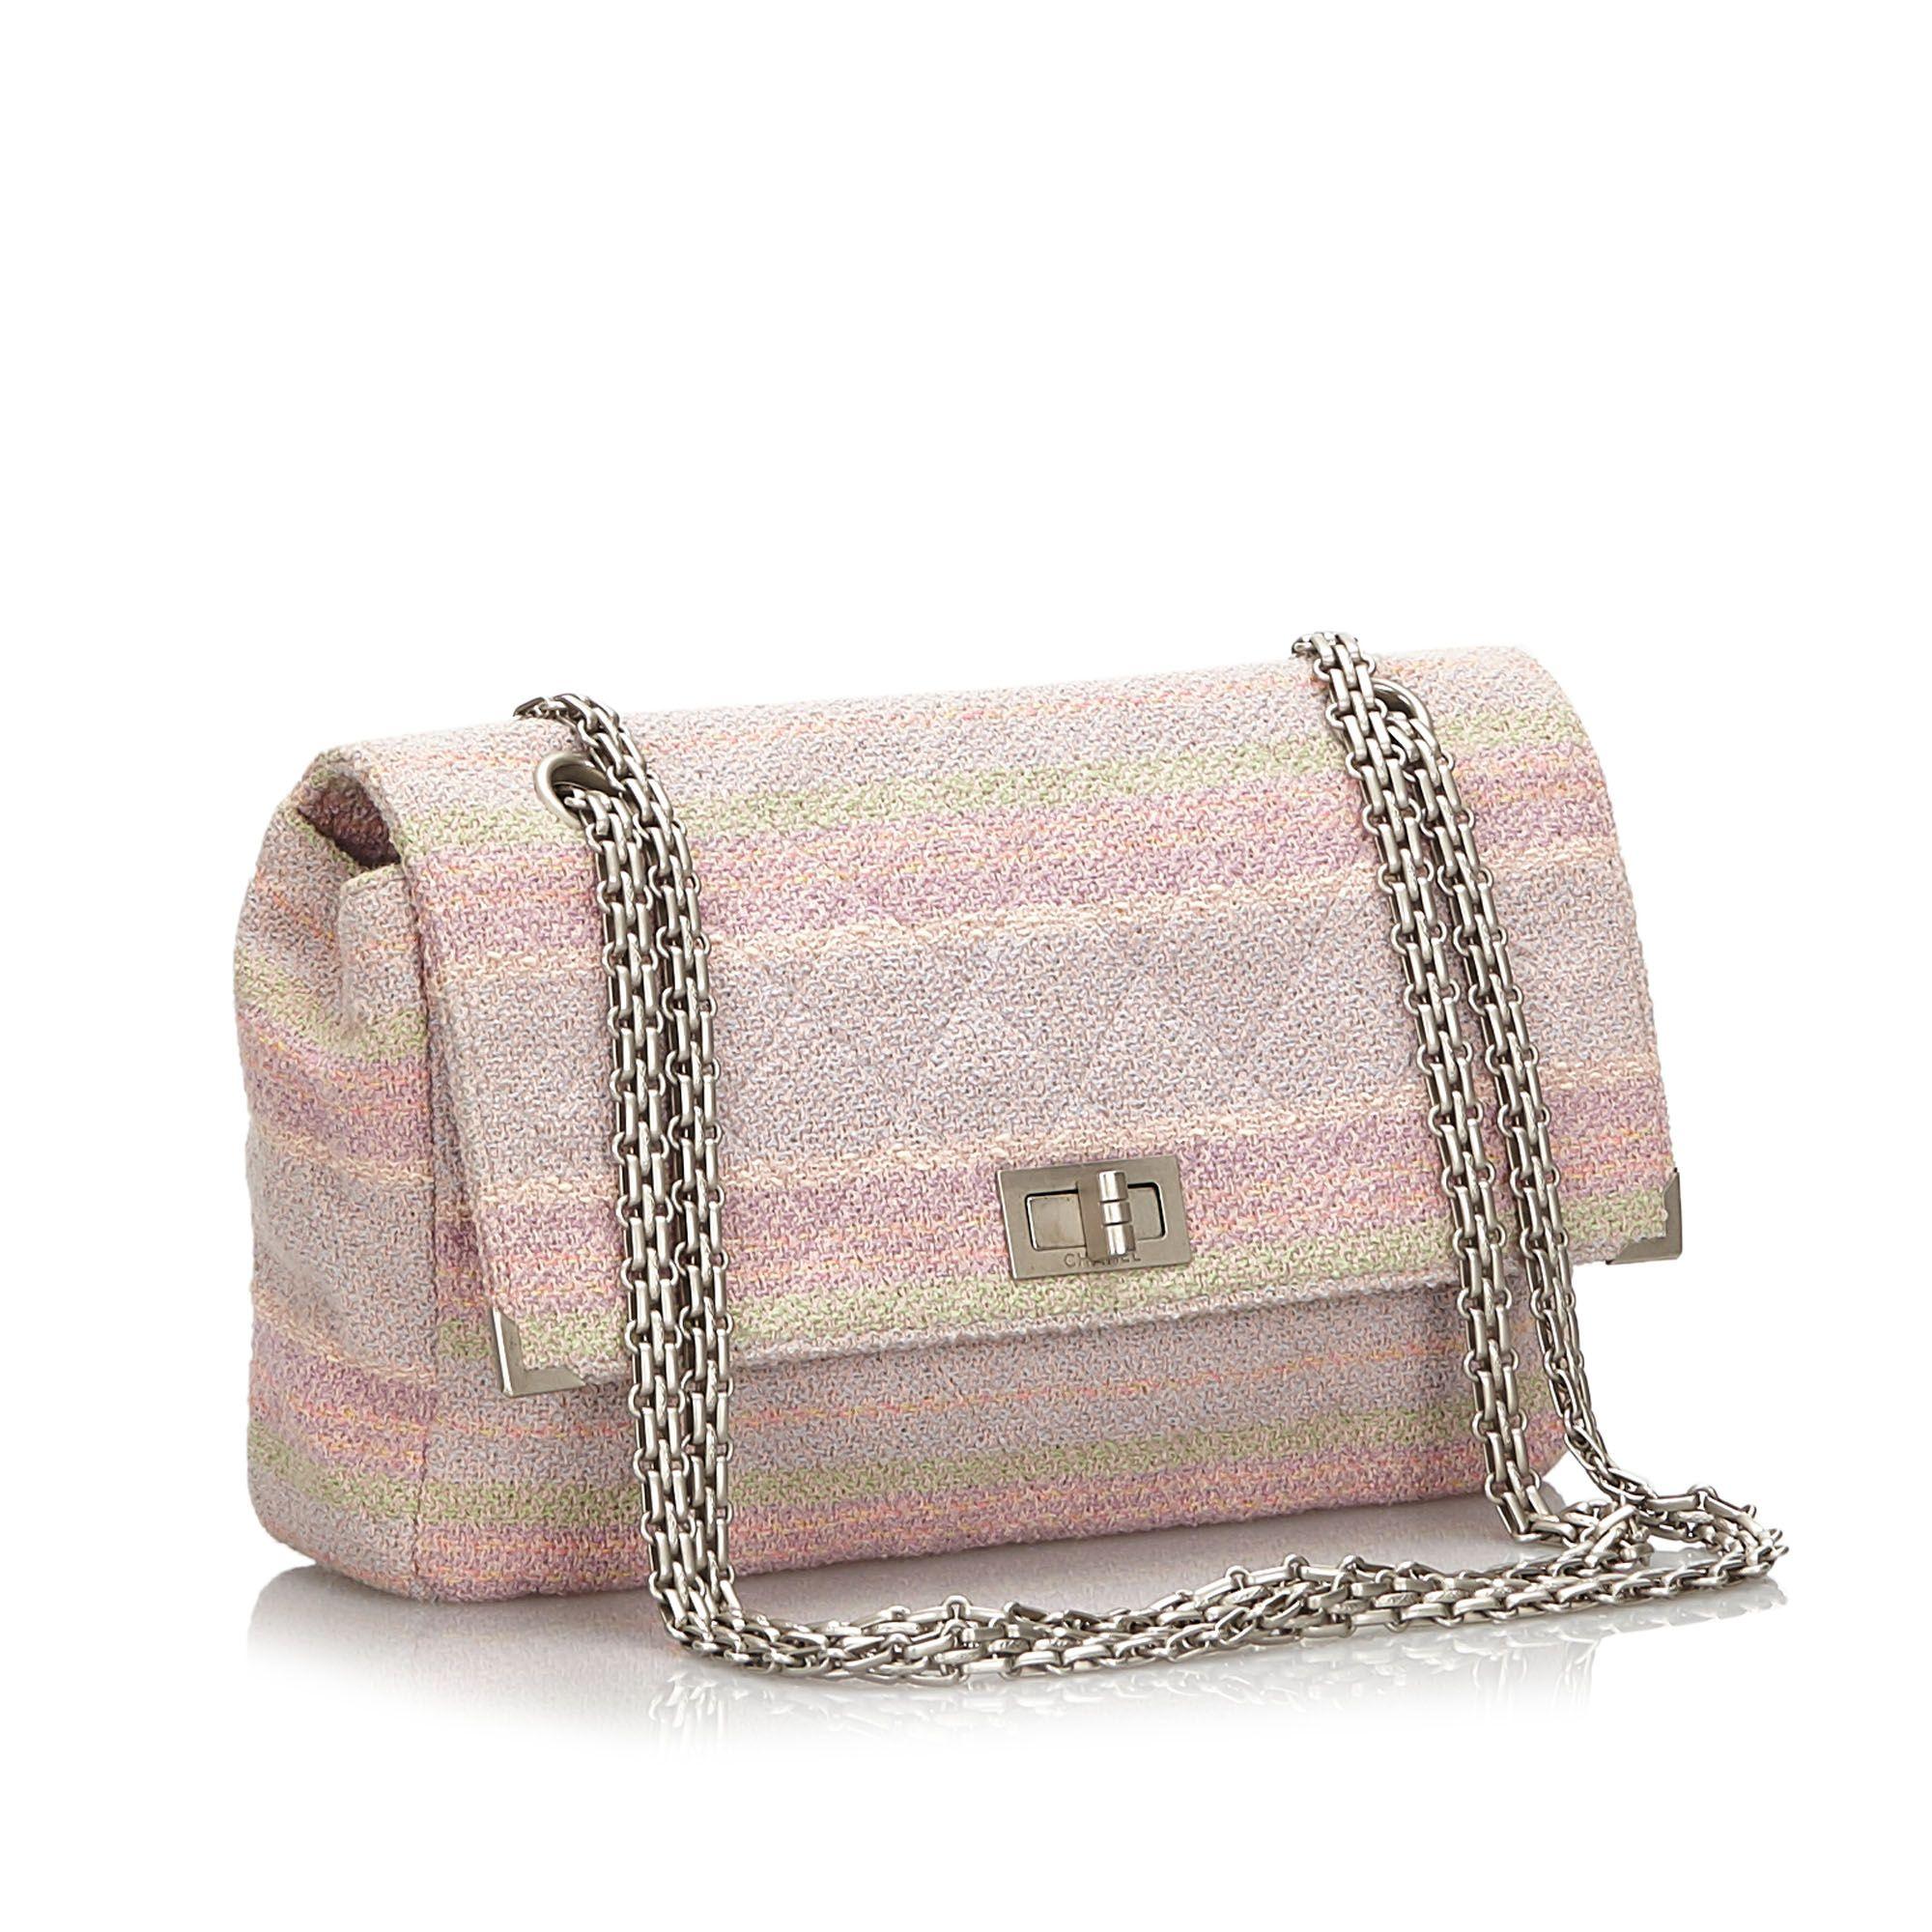 Vintage Chanel Reissue 225 Tweed Single Flap Bag Pink